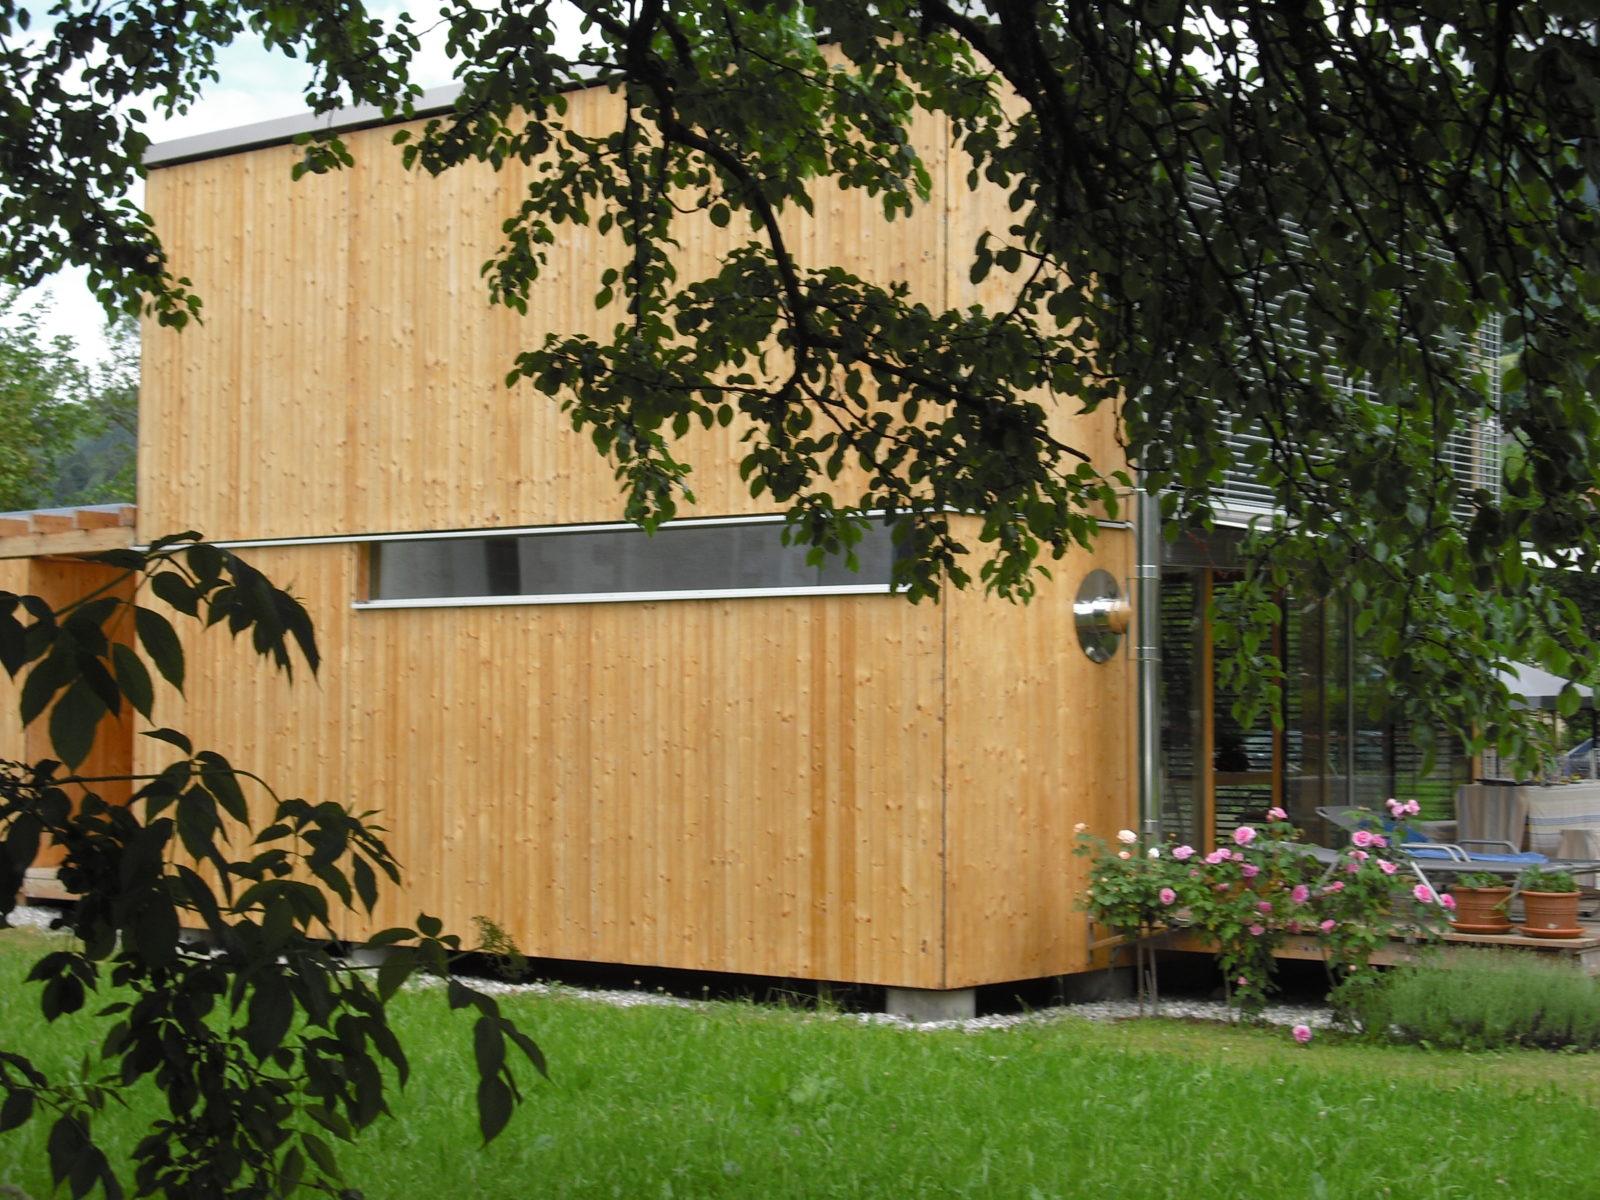 Holzhaus regional bauen auf dem Land.